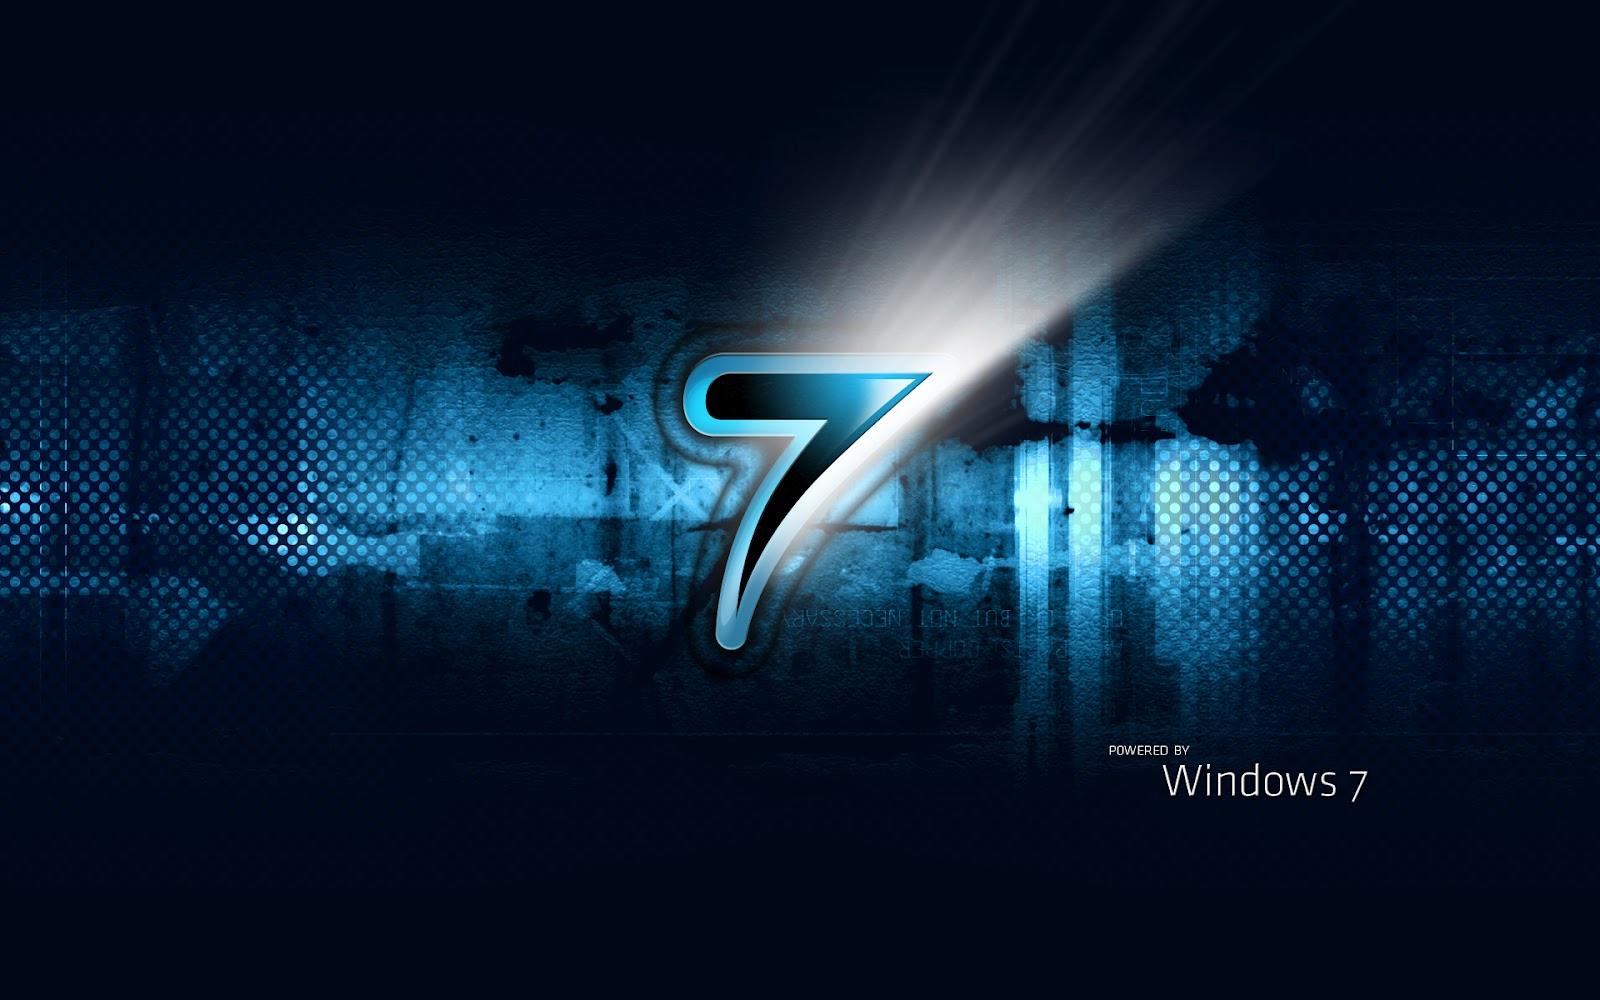 https://4.bp.blogspot.com/-MPuy4-OgmXk/T5AN9NQrfcI/AAAAAAAAADQ/C6sNzCctqo4/s1600/Windows-7-Wallpaper-Pack-18.jpg